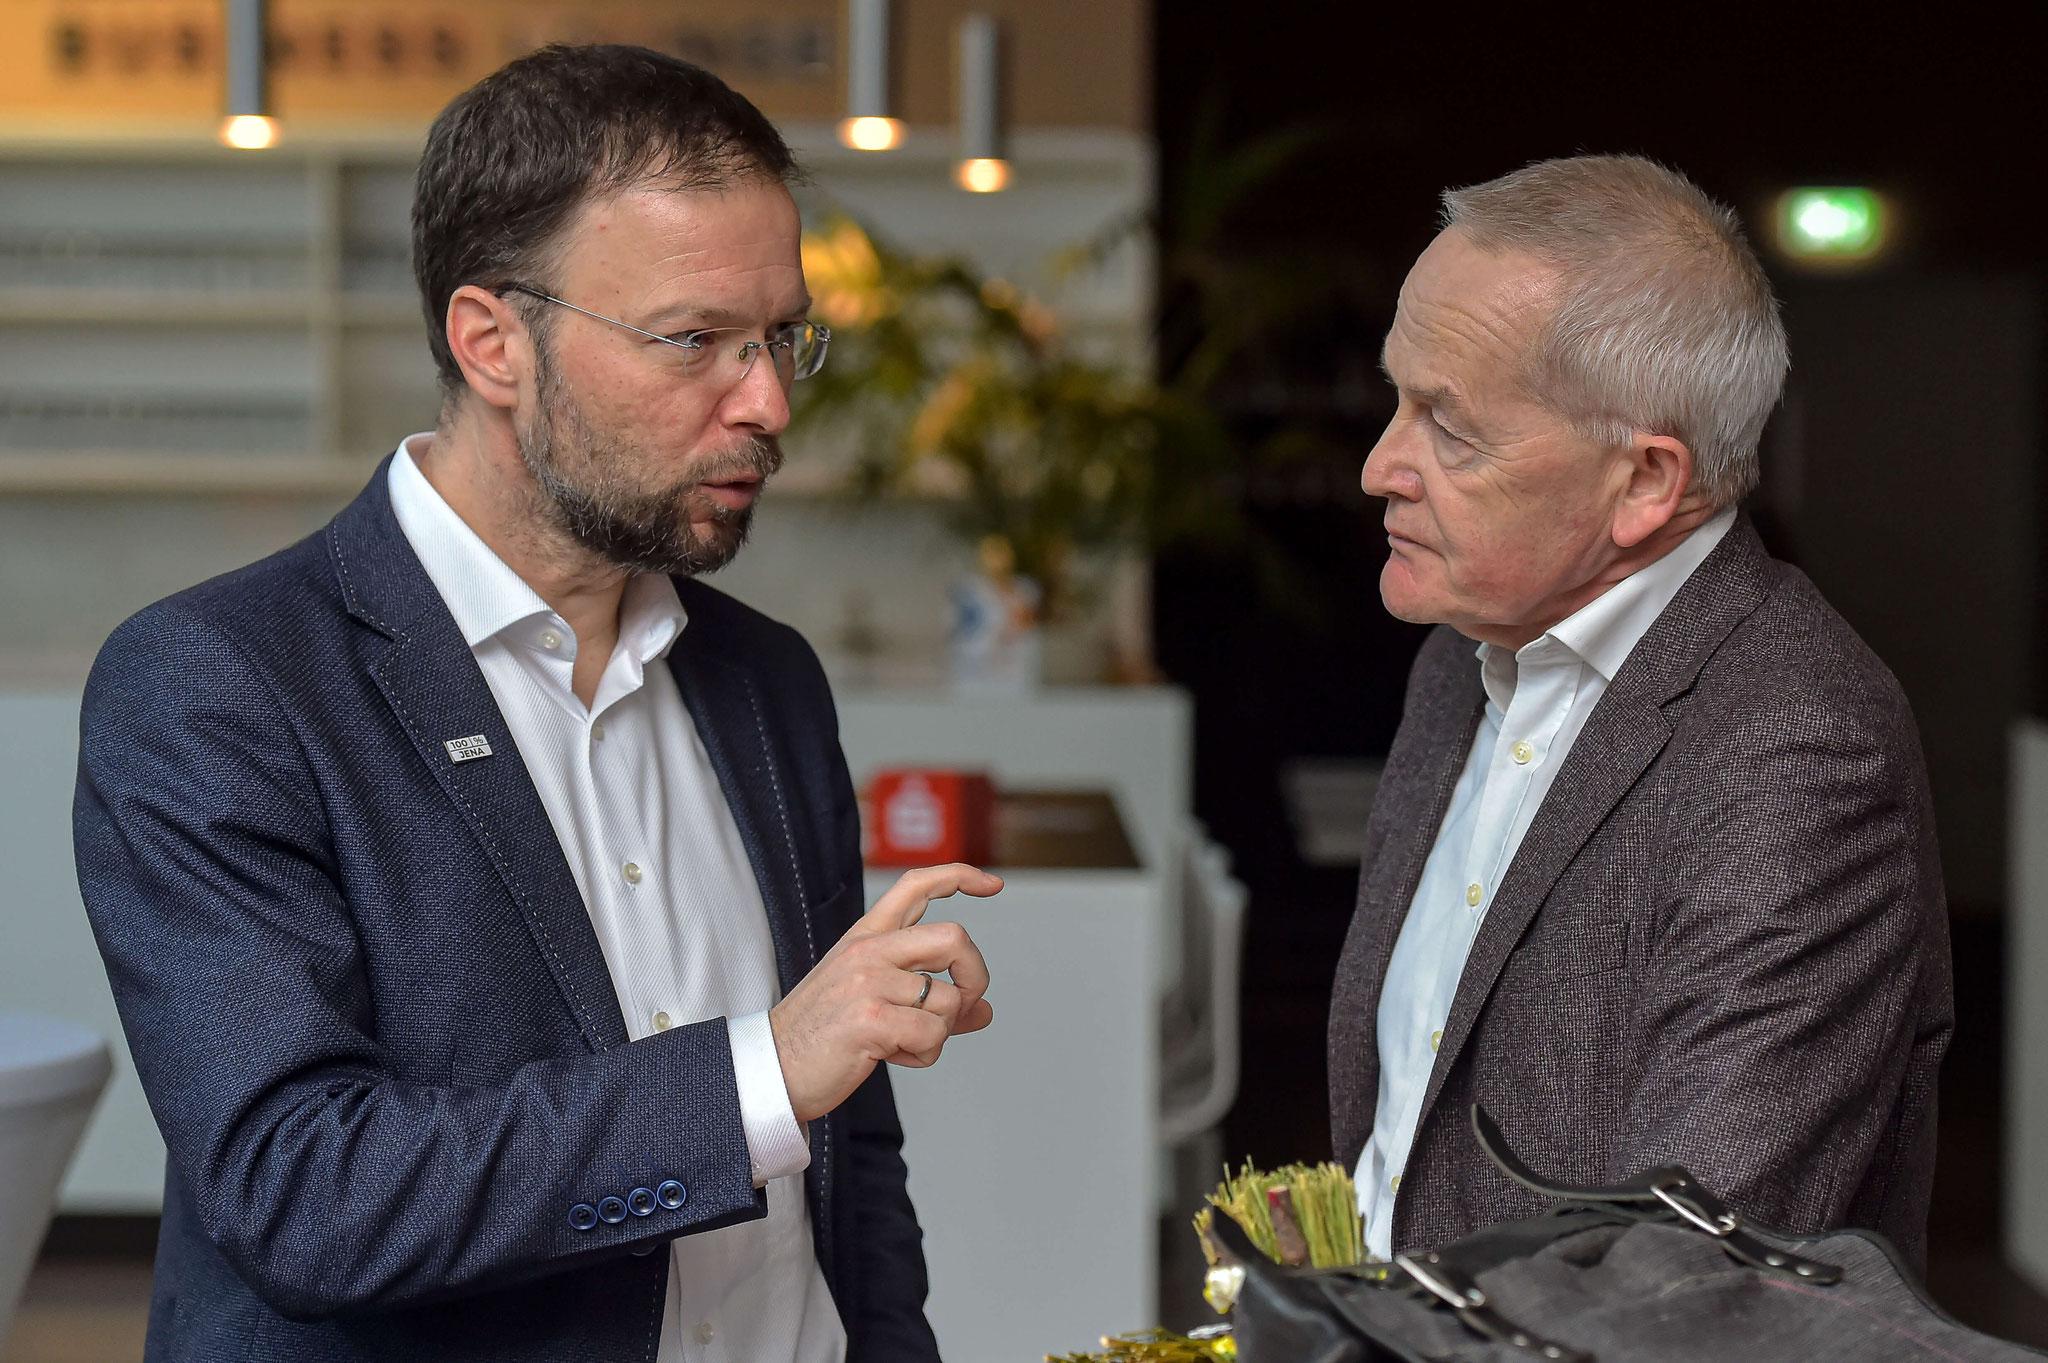 Oberbürgermeister der Stadt Jena, Dr. Thomas Nitzsche im Gespräch mit Prof. Dr. Everhard Holtmann